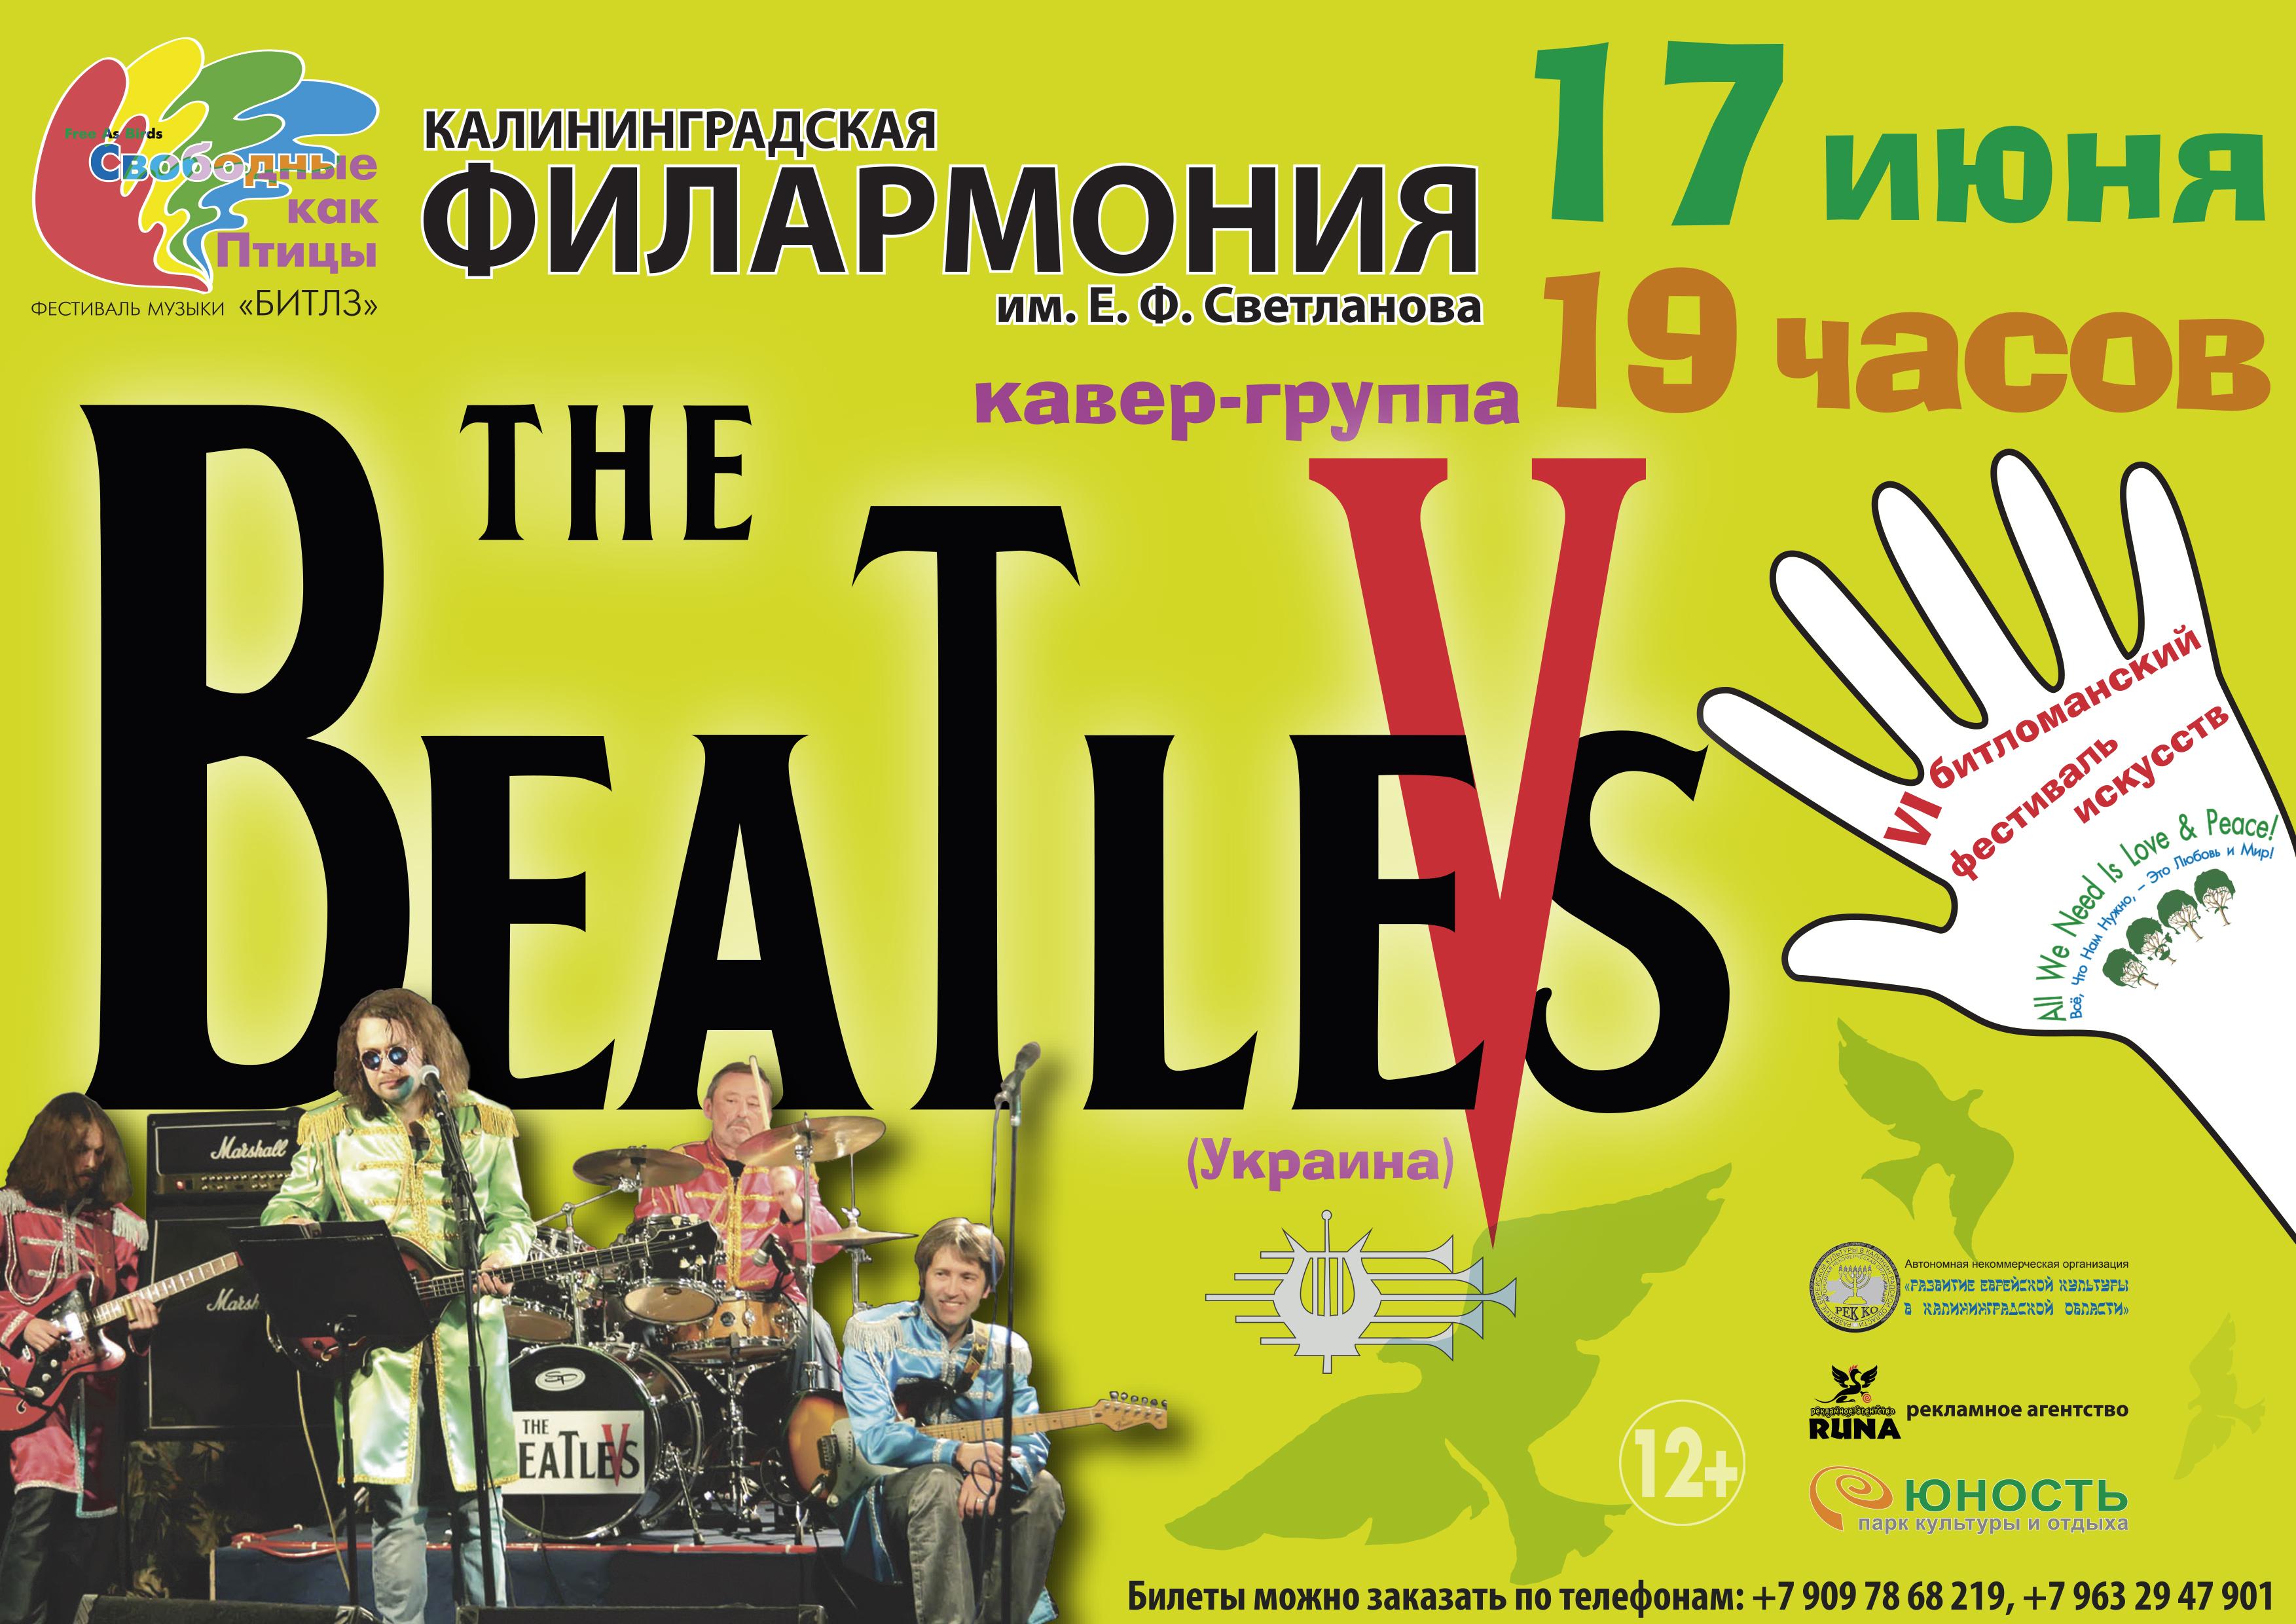 17 июня в 19 часов. Концерт украинской кавер-группы The Beatlevs в Калининградской филармонии